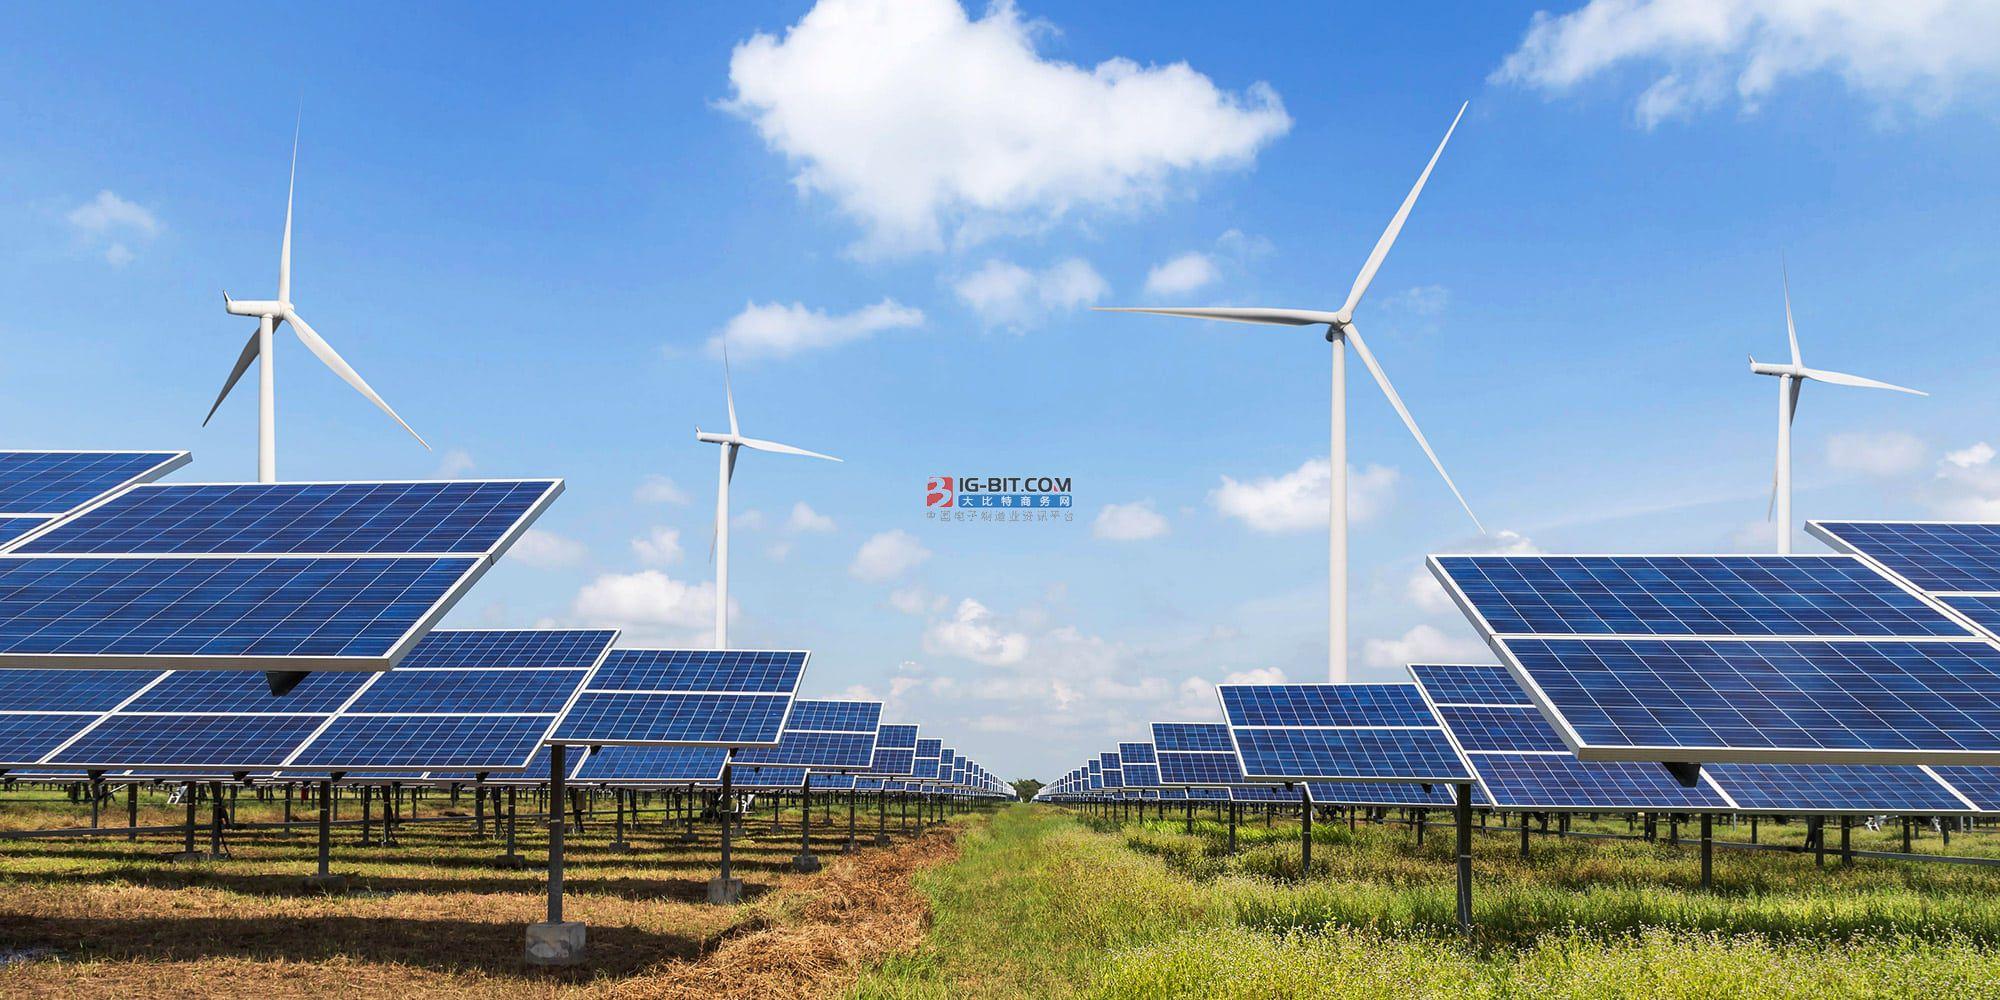 45亿美元:上半年全球太阳能企业融资同比下降25%